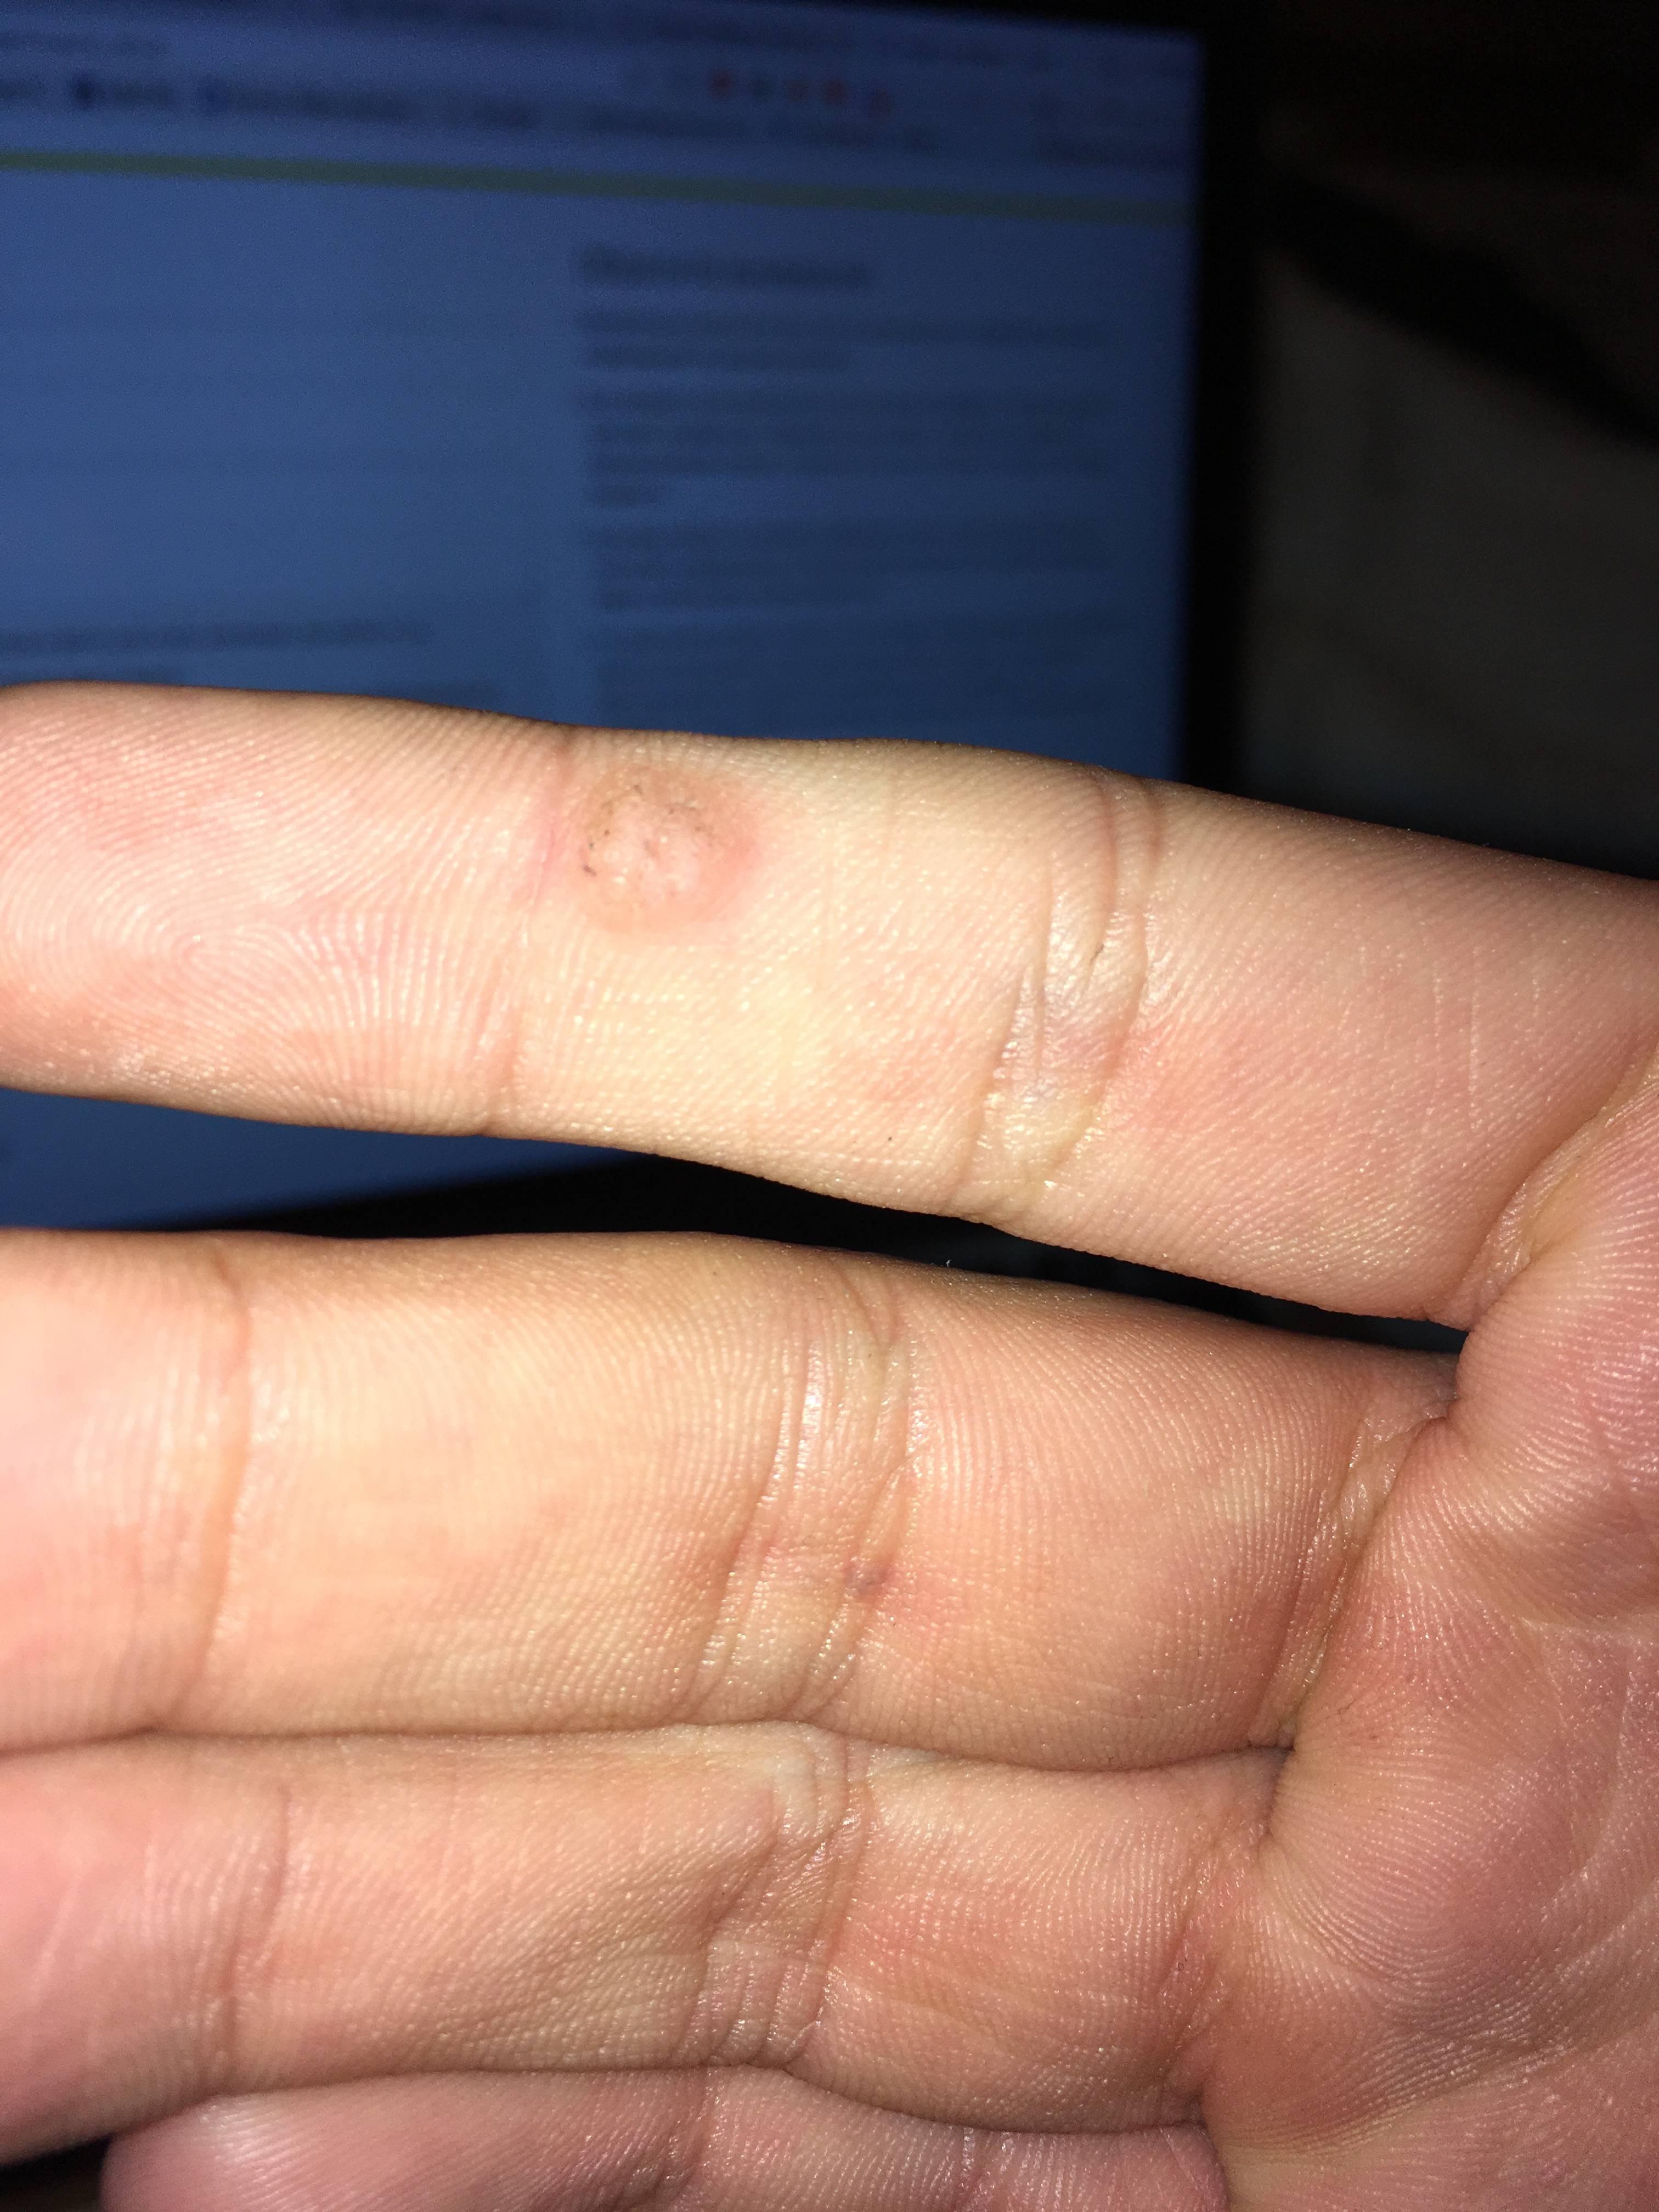 Симптомы и причины появления натоптышей на пальцах ног. способы лечения недуга в домашних условиях